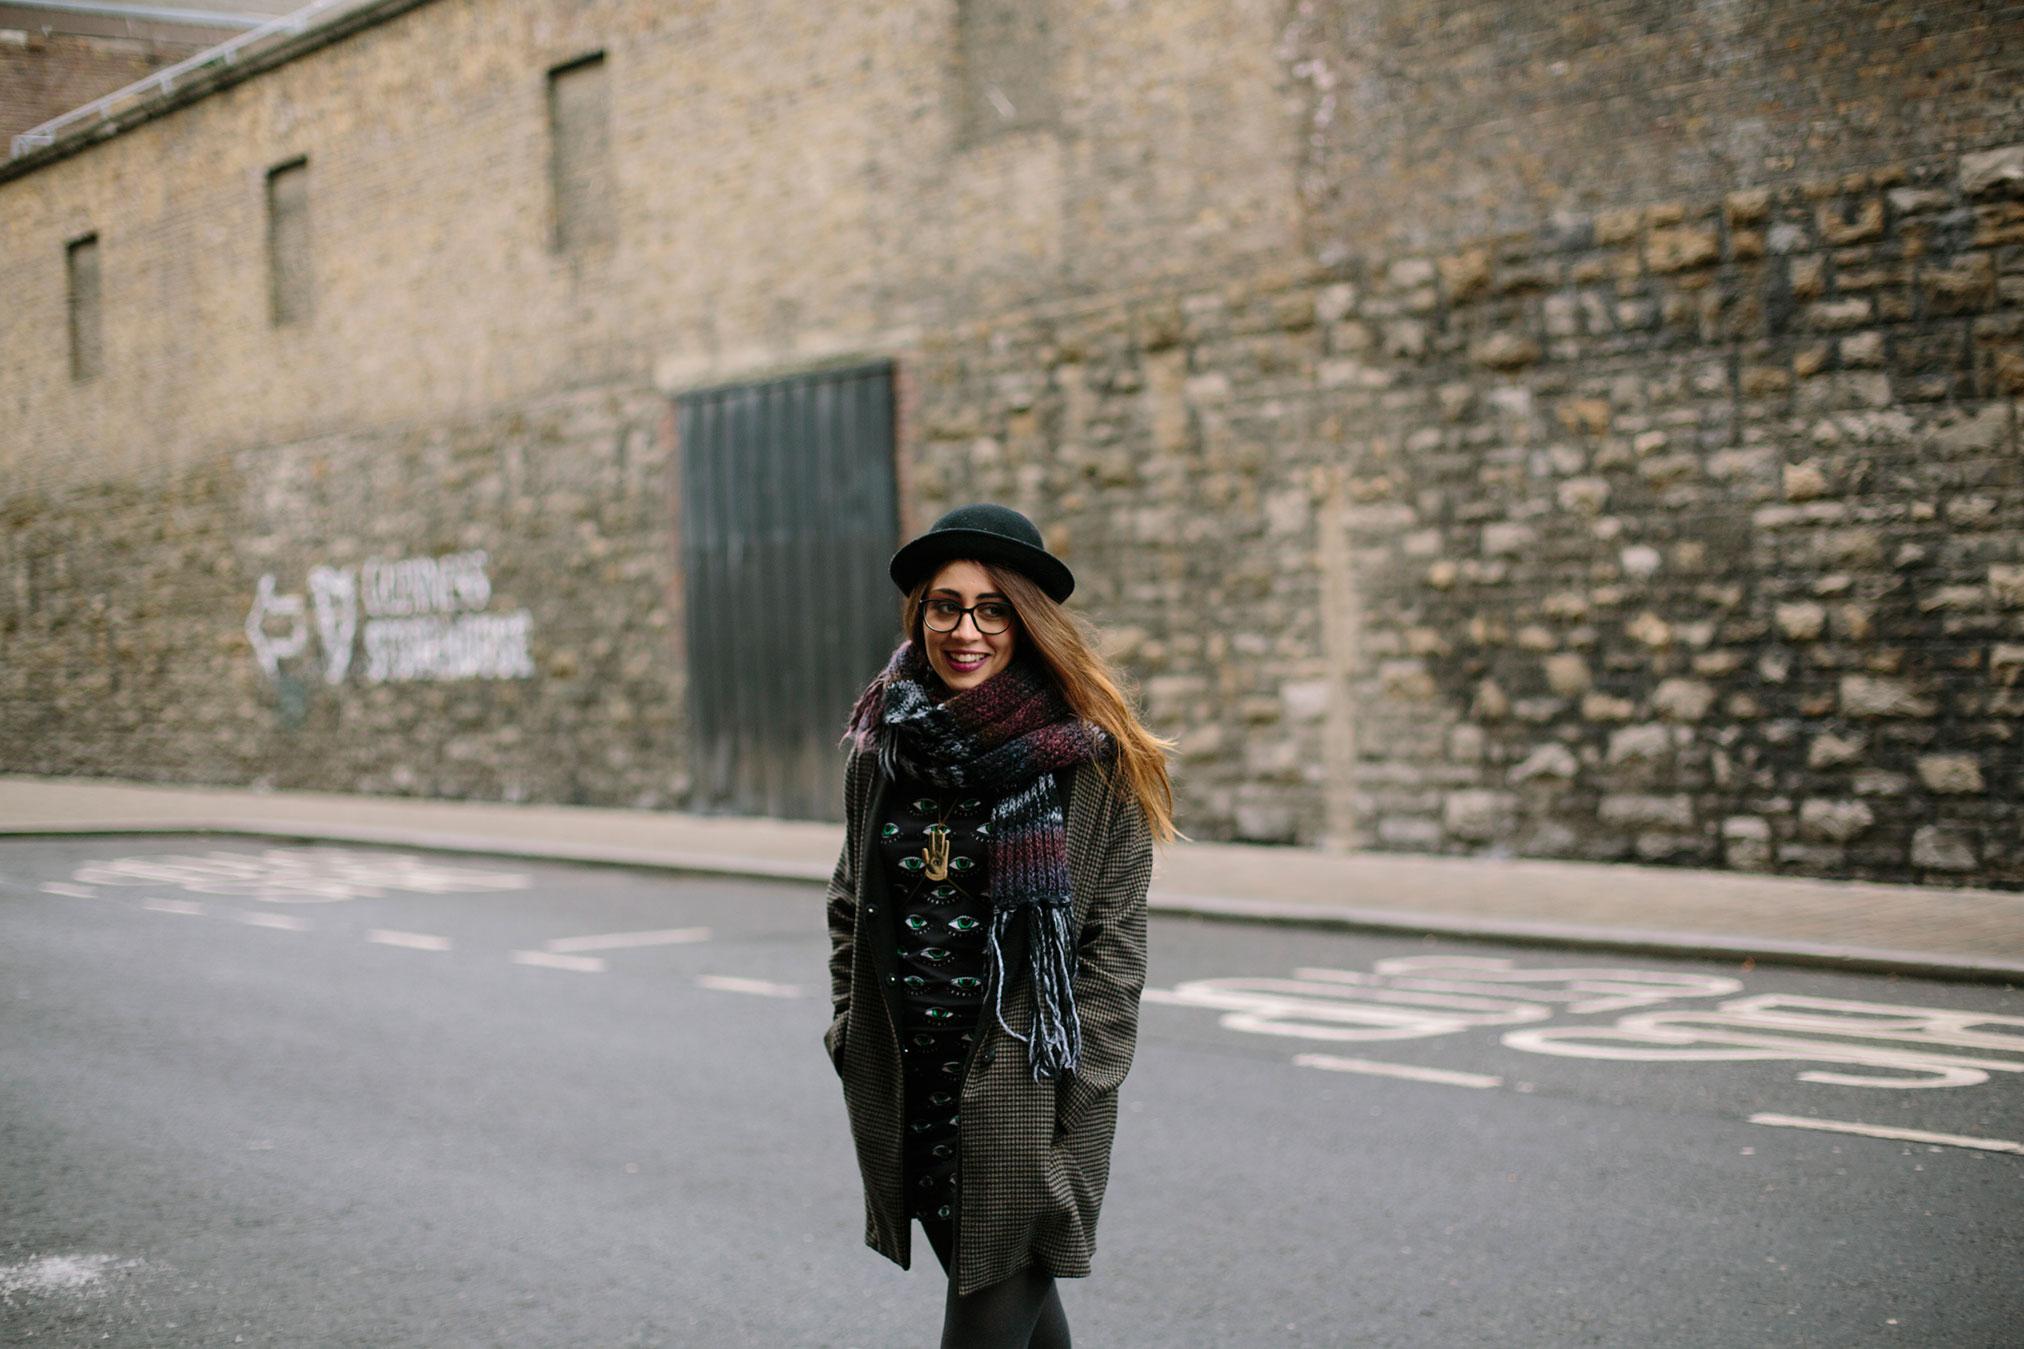 Portrait Photographer Dublin GaliciaGraciela Vilagudin0751.jpg